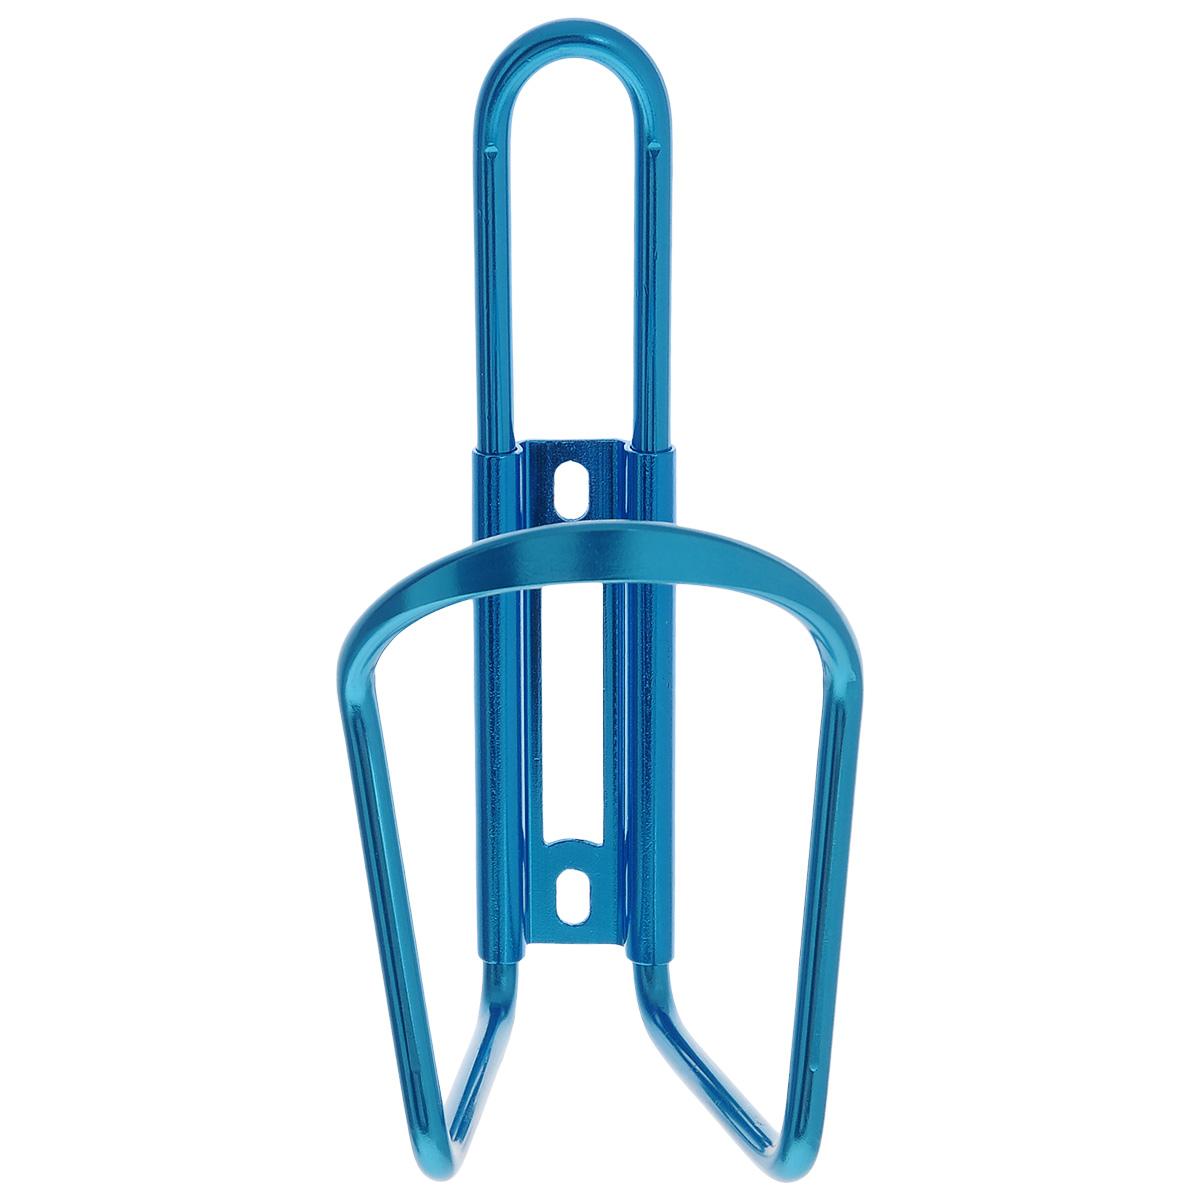 """Алюминиевый флягодержатель """"Larsen"""", способный удерживать не только велофлягу, но и обычные пластиковые бутылки, закрепляется на раме велосипеда. Это незаменимая вещь для спортсменов и любителей длительных велосипедных прогулок. Благодаря держателю, фляга с водой будет у вас всегда под рукой.  Держатель подходит для бутылок объемом от 0,5 л до 1 л и диаметром 6-10 см.    Гид по велоаксессуарам. Статья OZON Гид"""